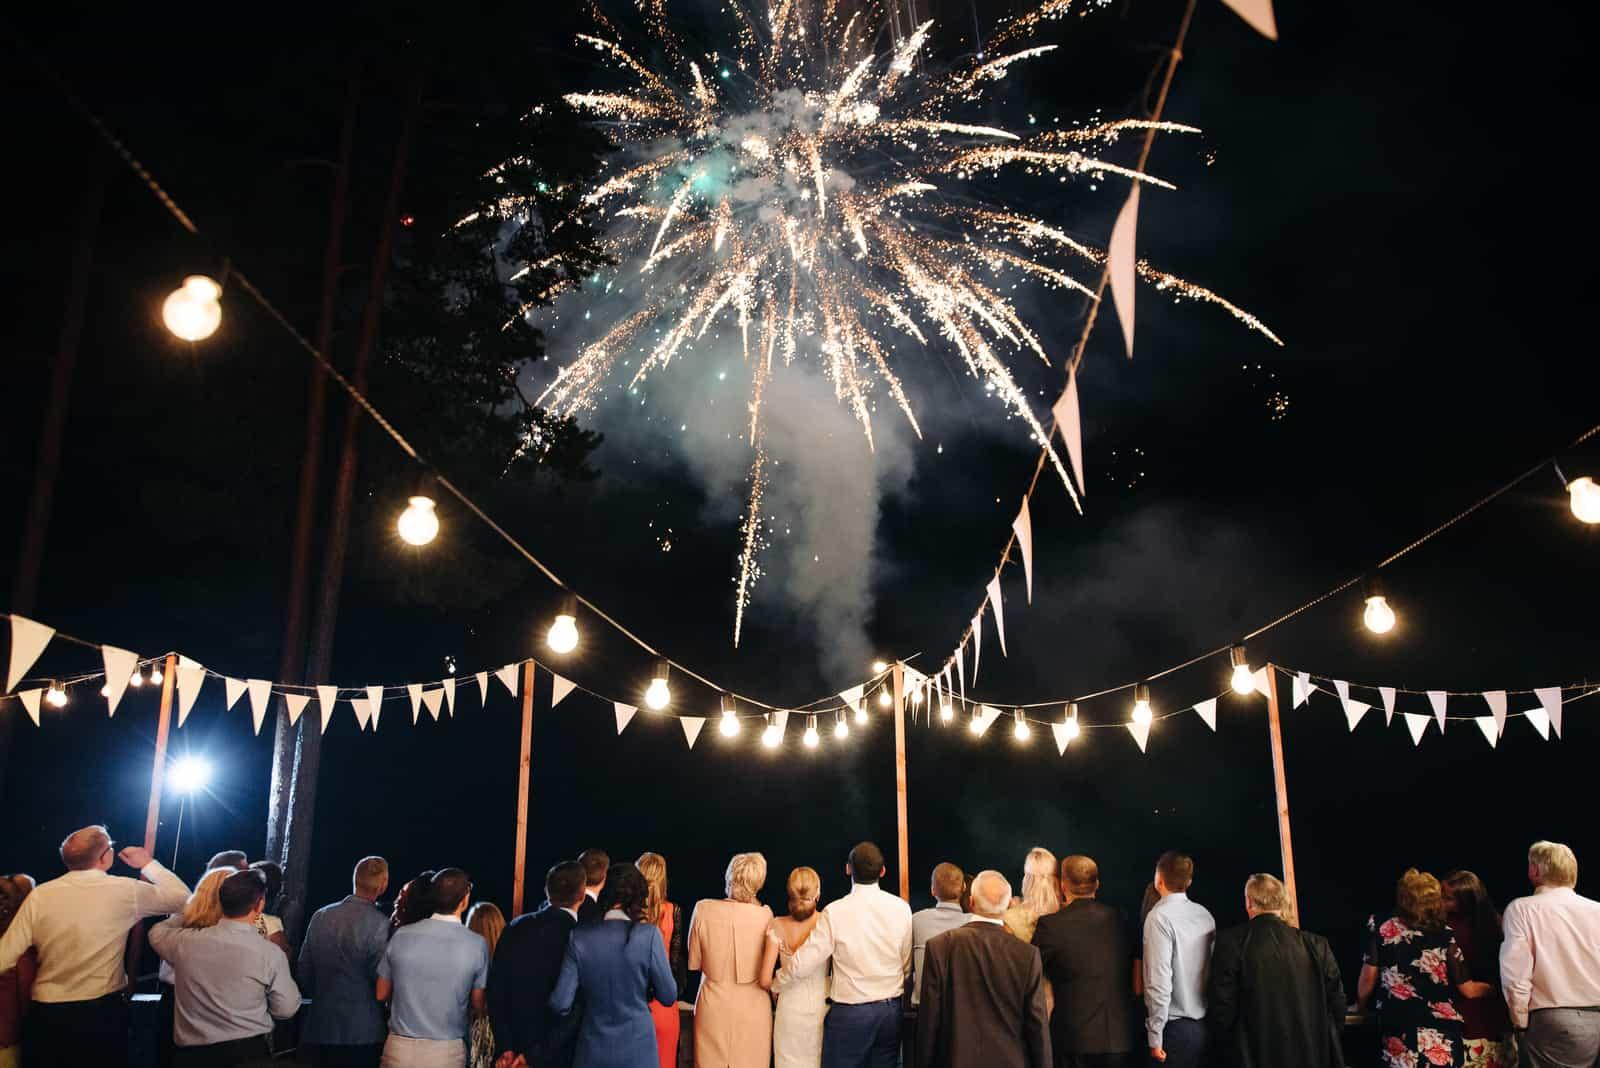 Bei der Hochzeit sehen Gäste und Jungvermählten einen schönen Gruß am Himmel